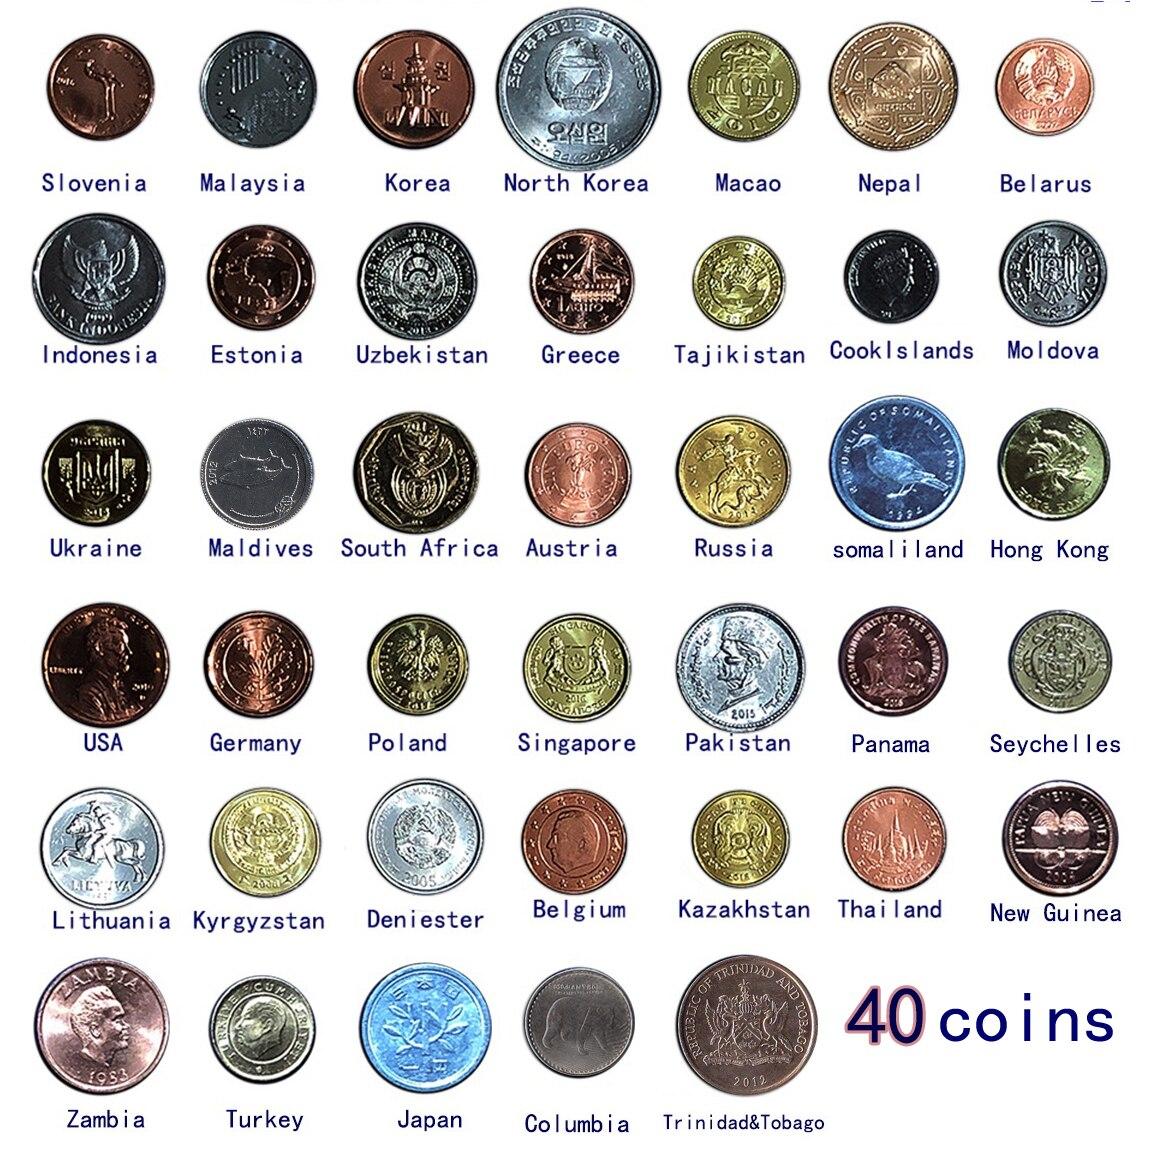 Набор из 40 монет из 40 разных стран, оригинальная монета UNC, настоящая коллекция монет, мировая Африка, Азия, Америка, Европа